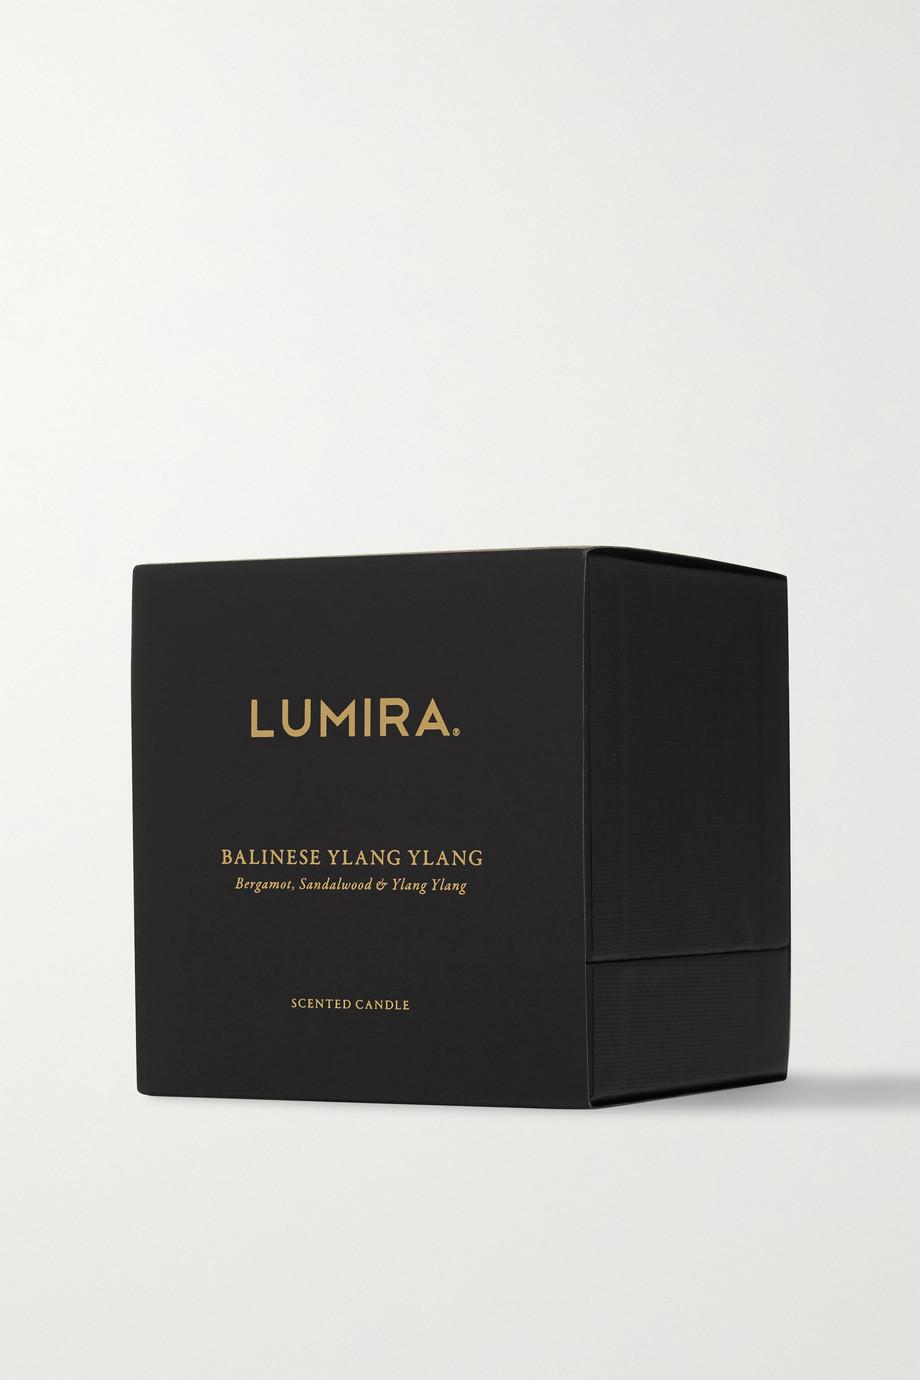 LUMIRA 巴厘岛依兰香薰蜡烛,300g